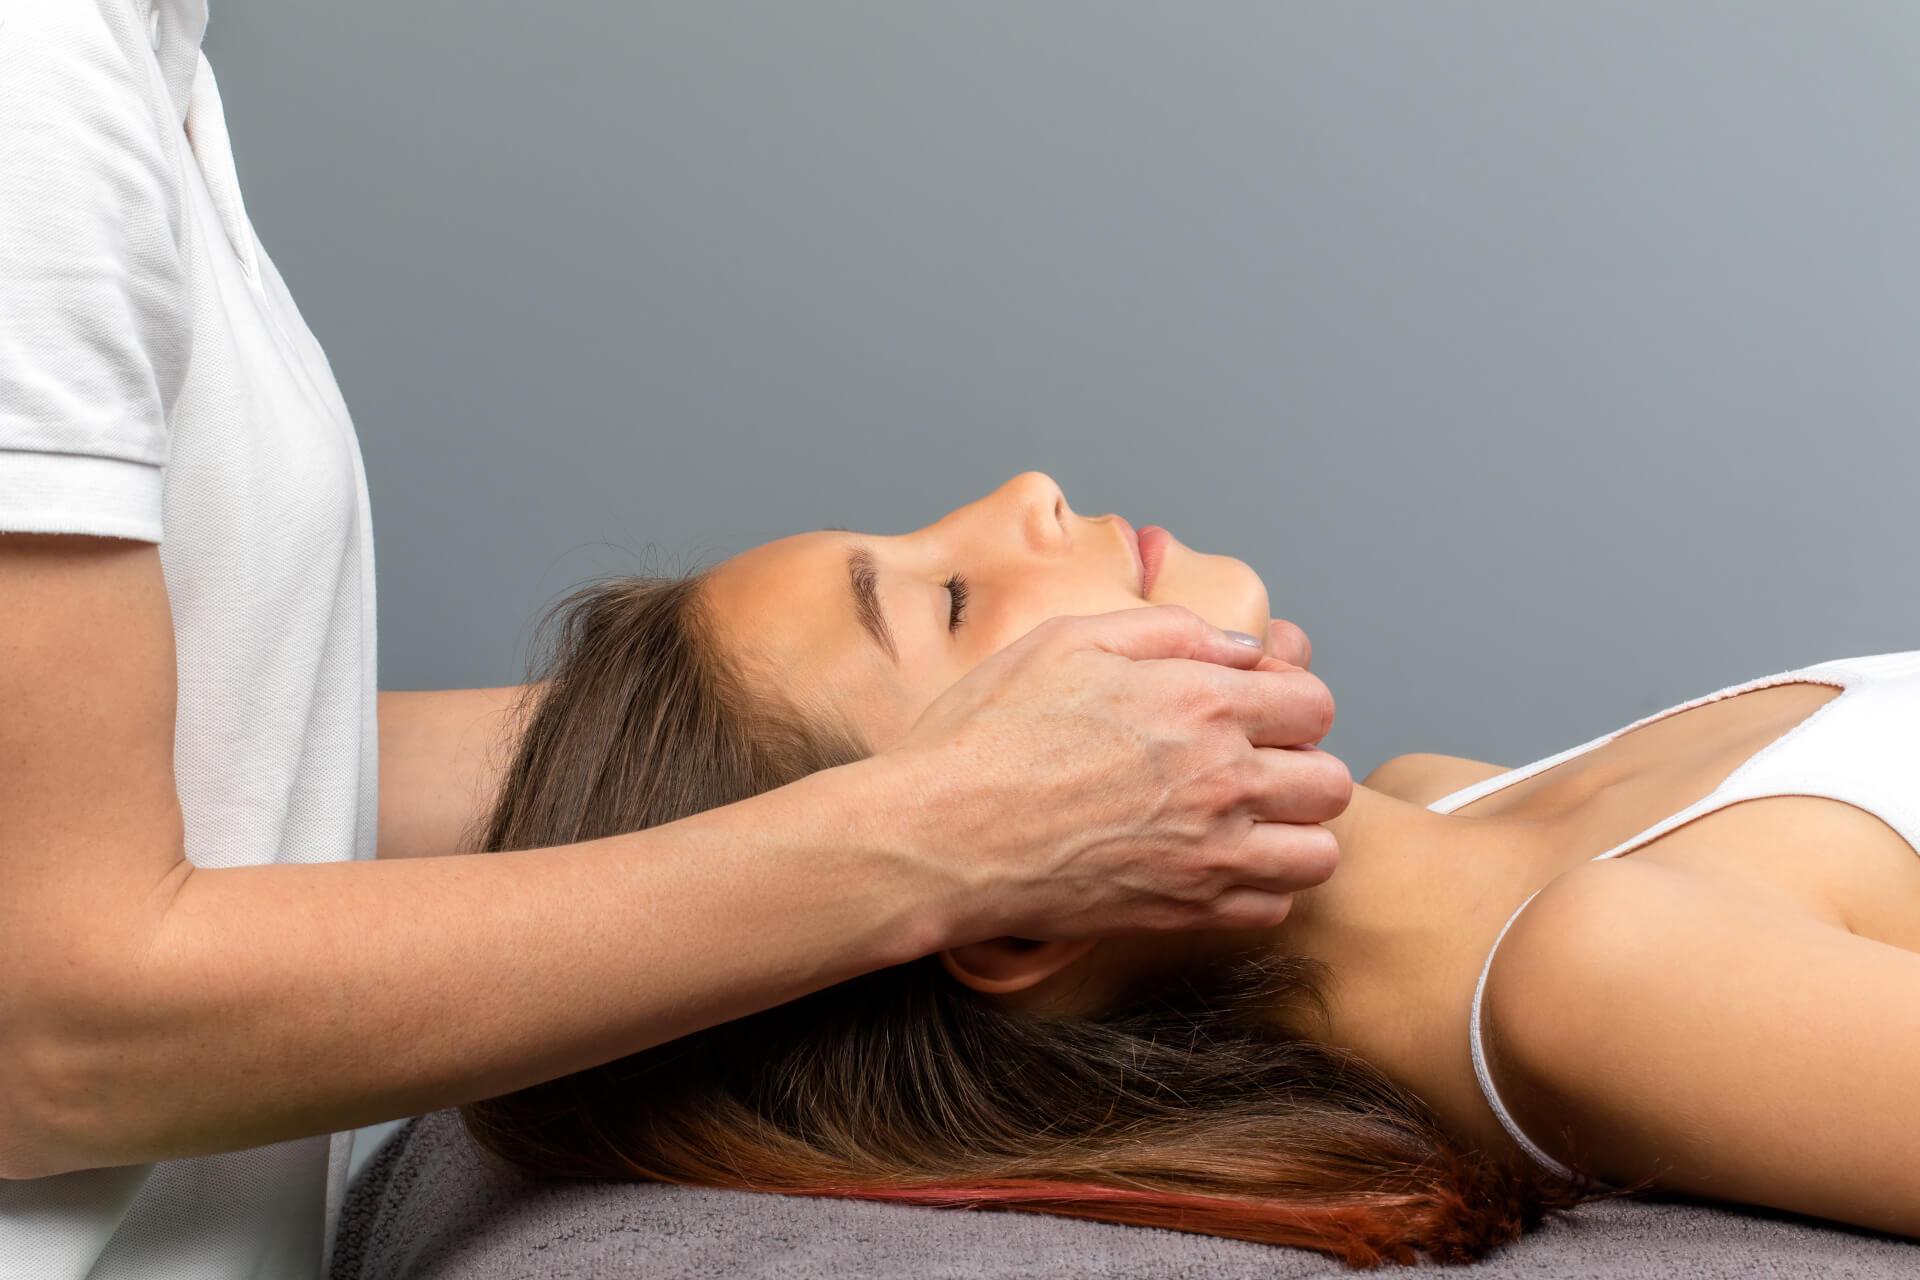 Rehabilitacja stomatologiczna Bielsko-Biała